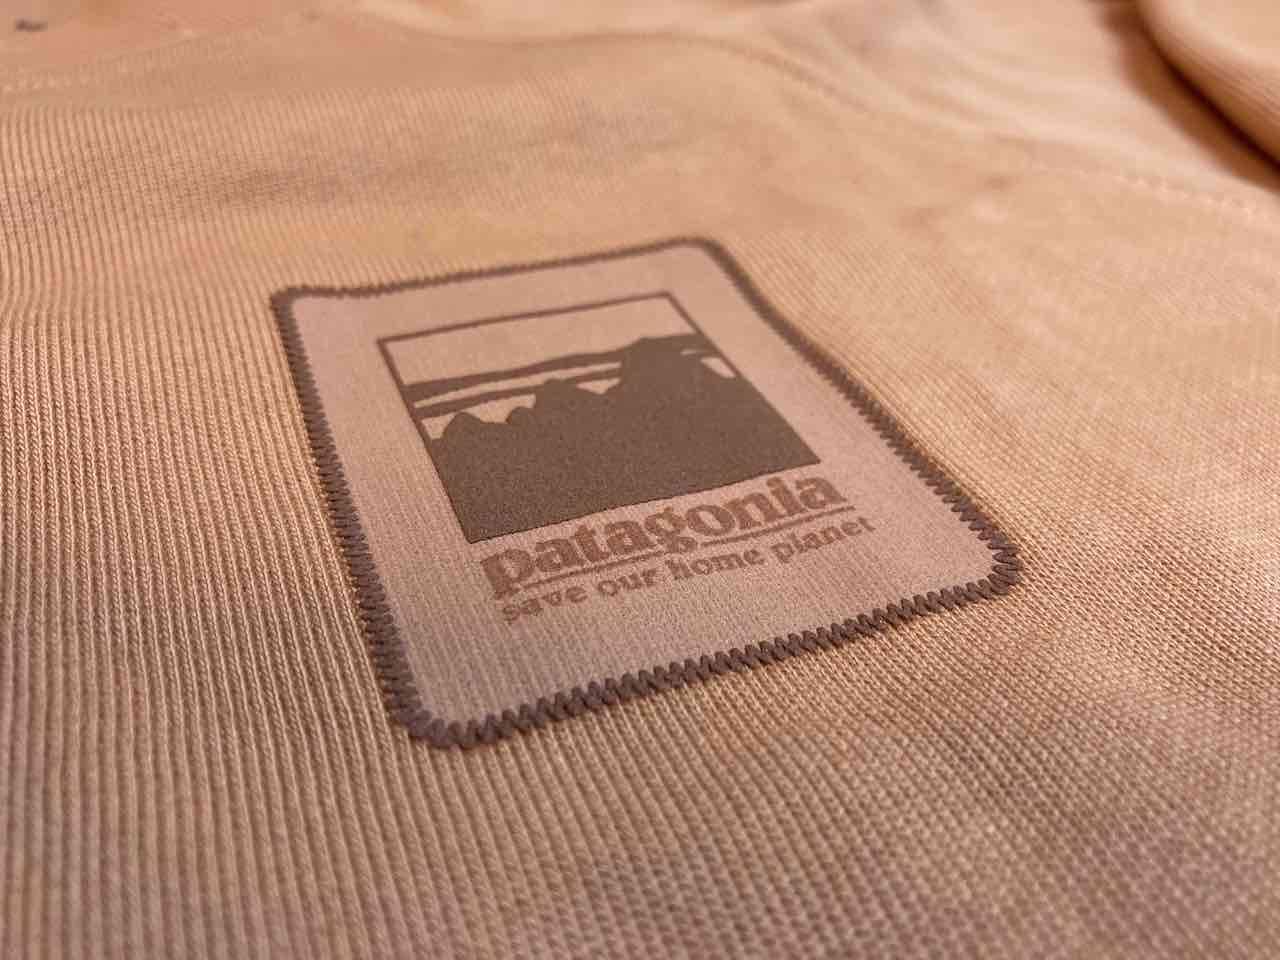 パタゴニア・メンズ・アルパイン・アイコン・リジェネラティブ・オーガニックコットン・クルー・スウェットシャツ